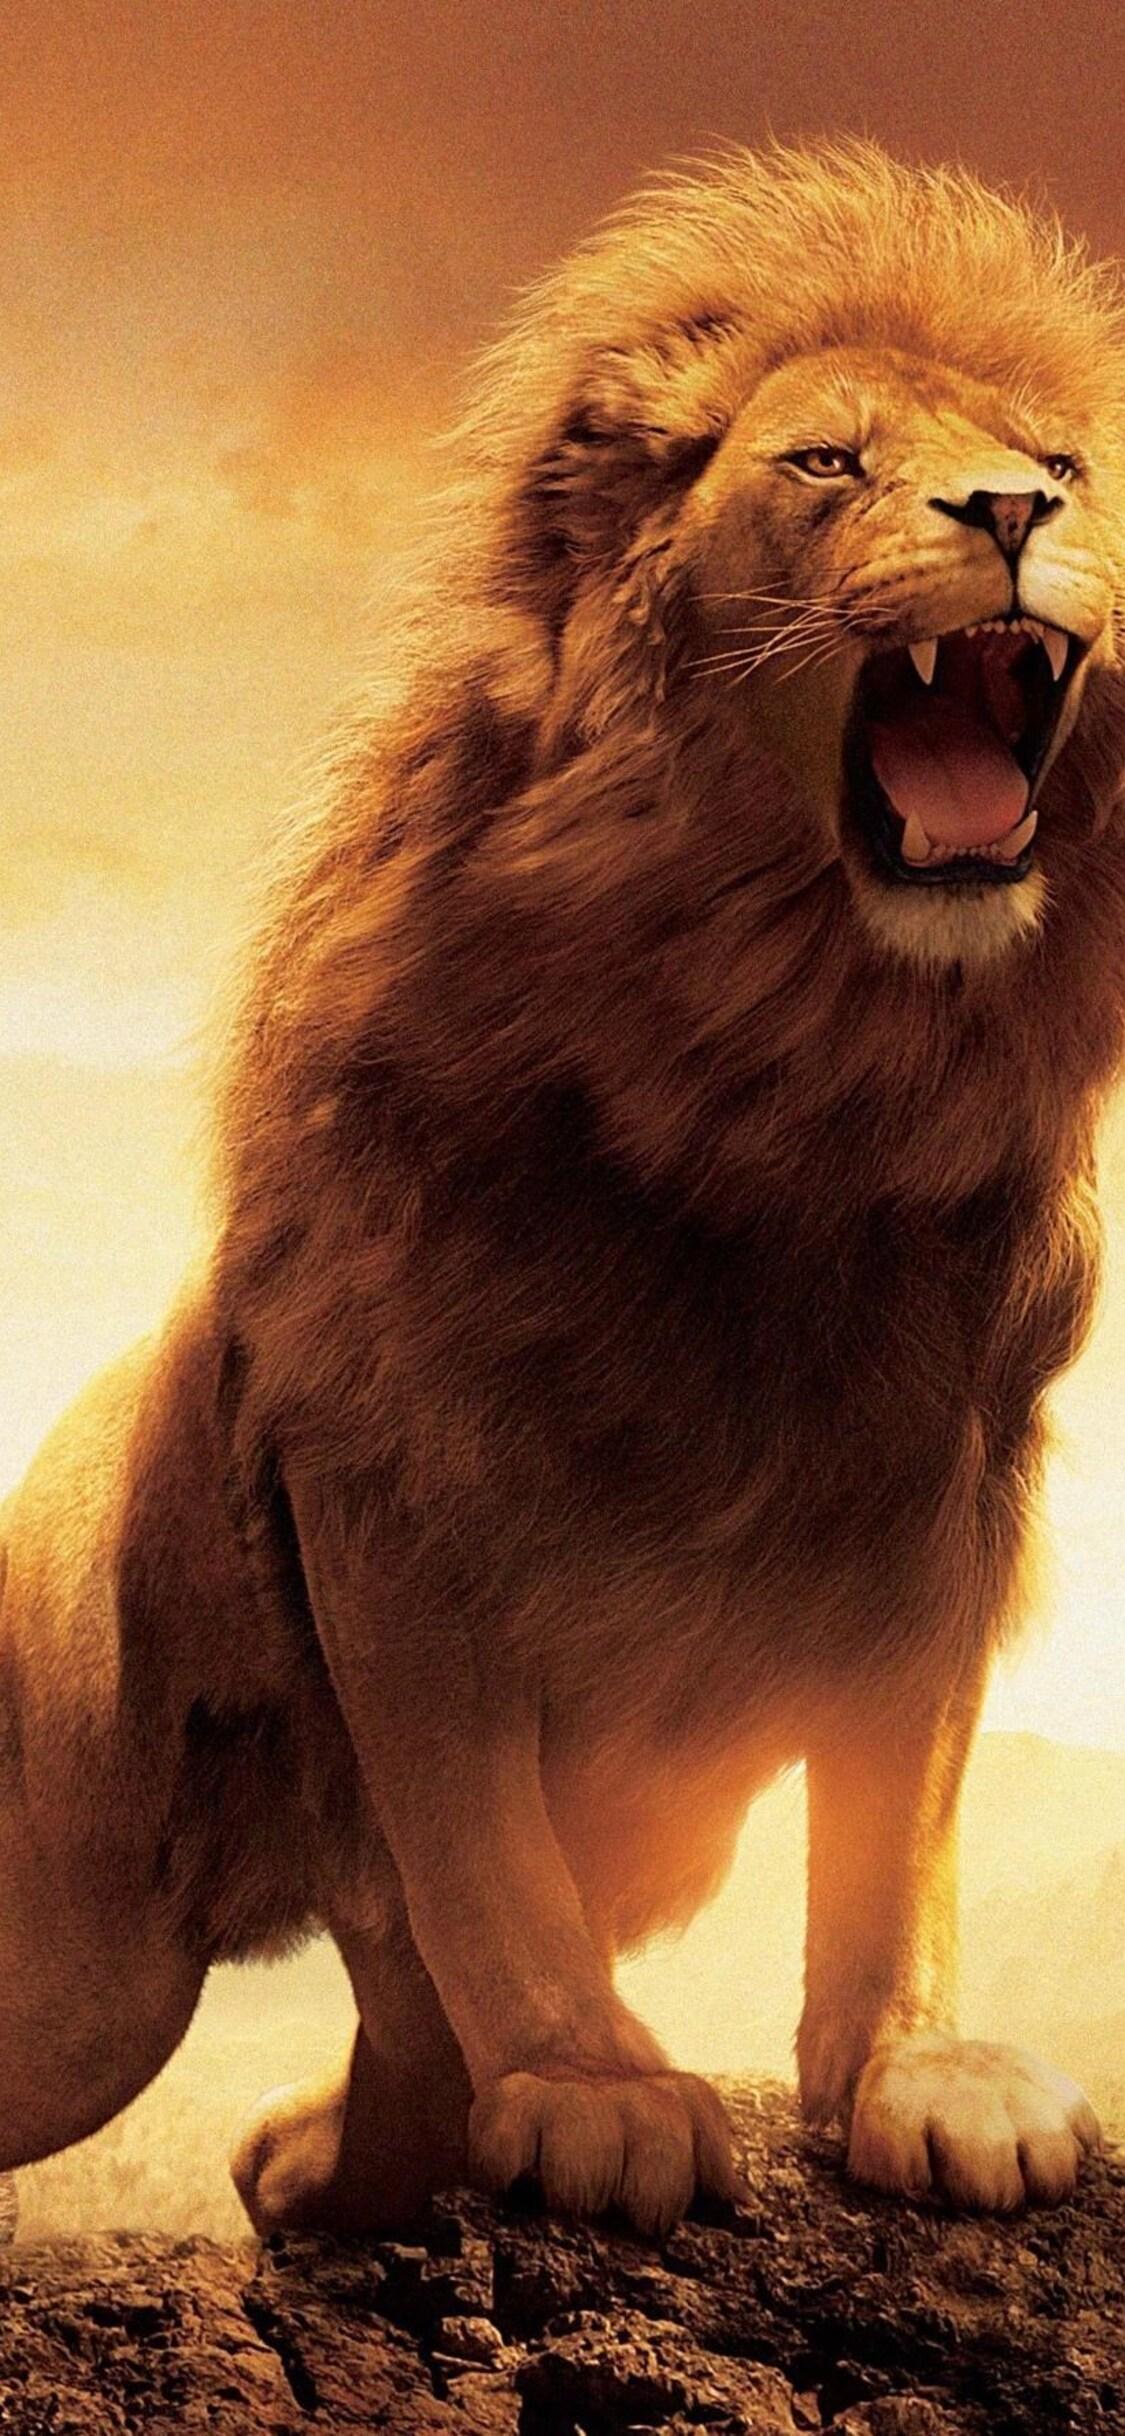 1125x2436 Narnia Lion Iphone XS,Iphone 10,Iphone X HD 4k ...